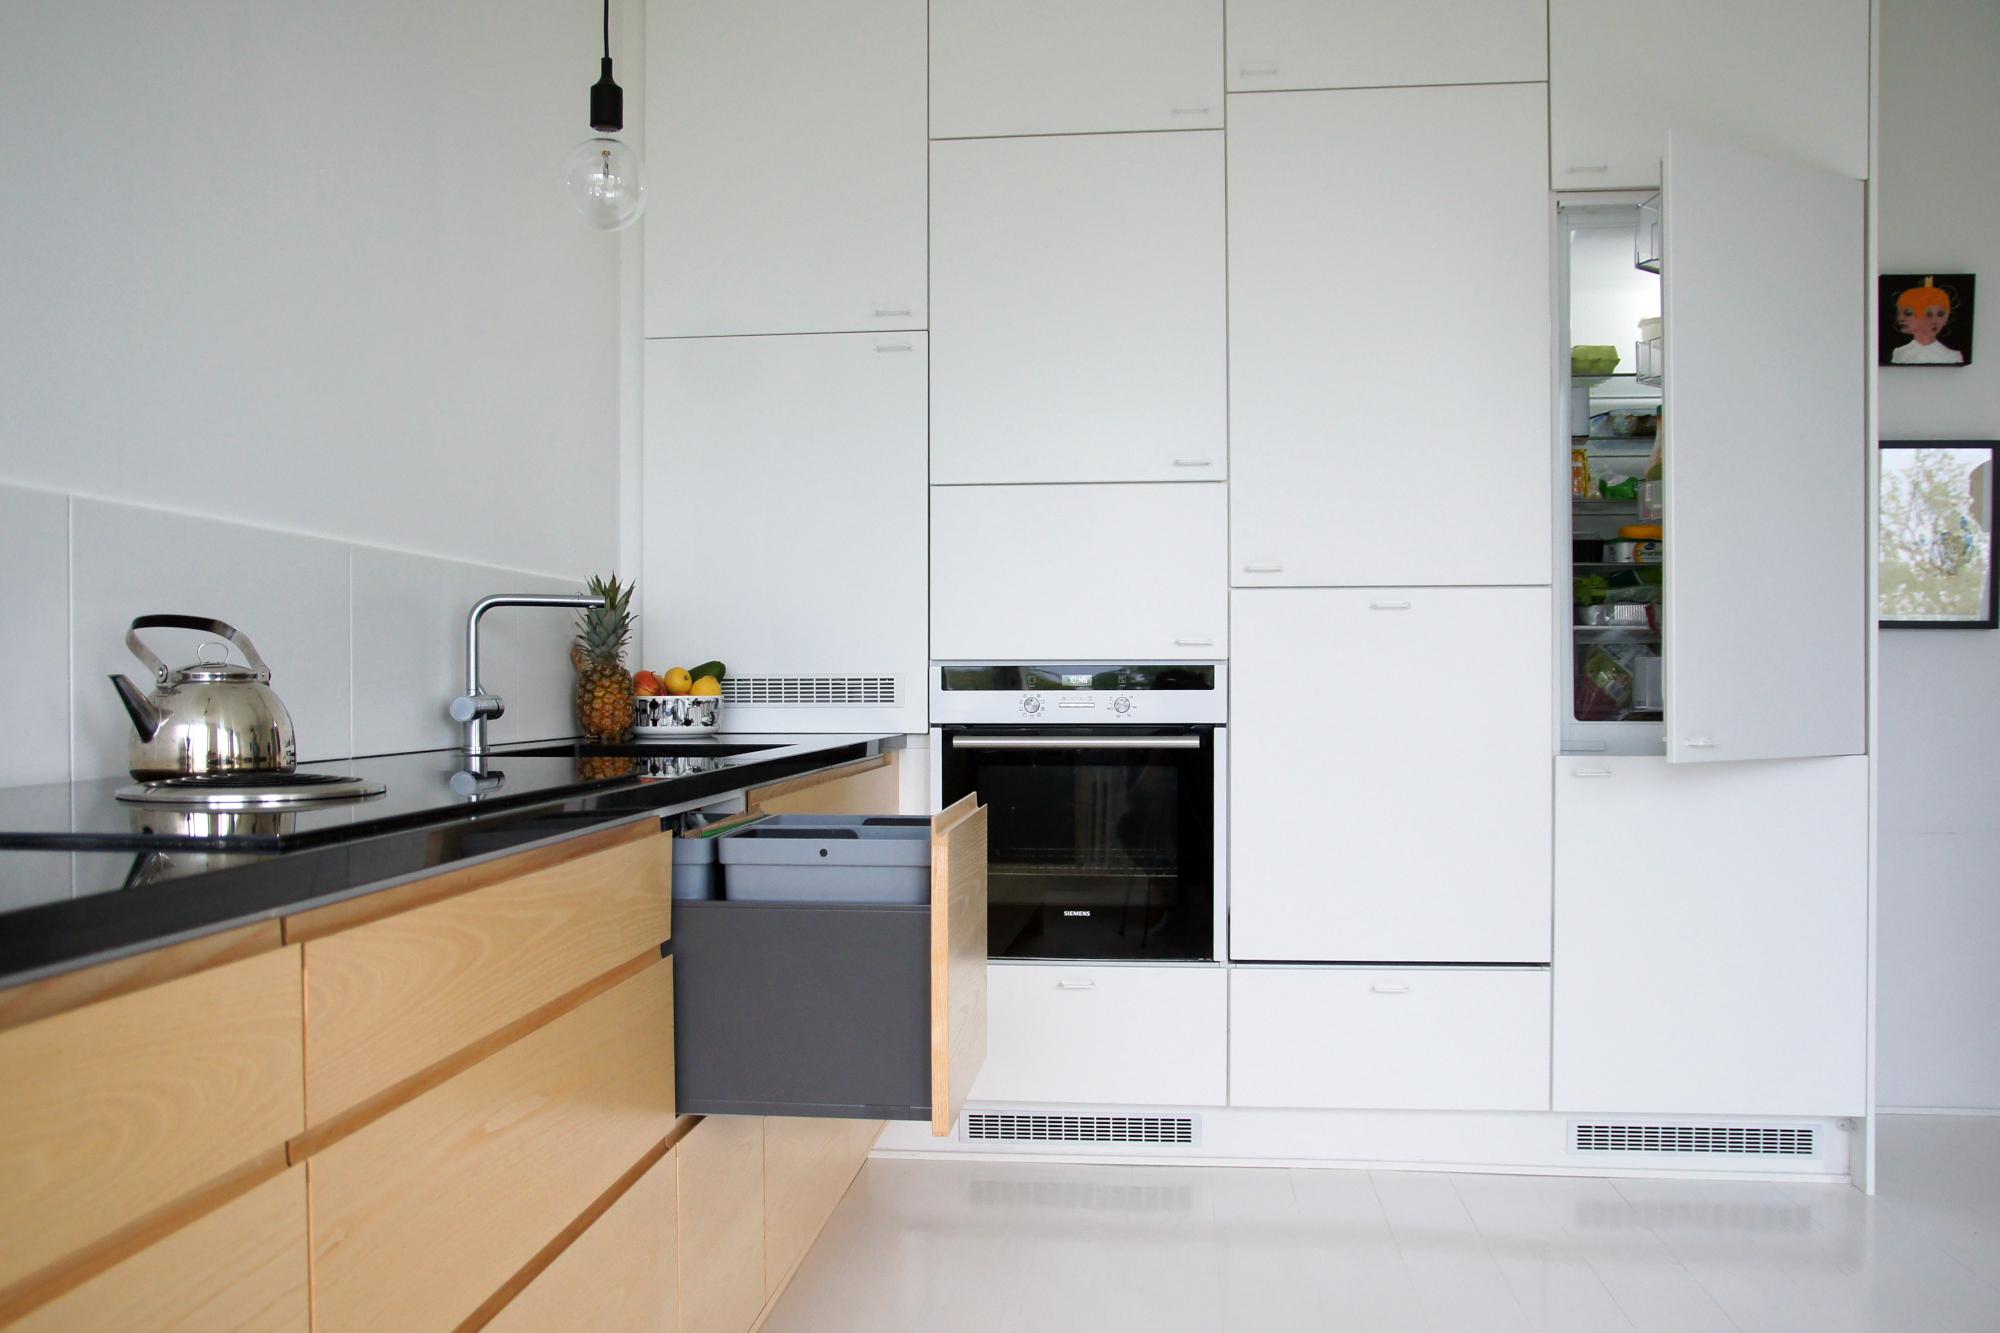 helppo keittiöremontti savonlinna - mitta-keittiöt